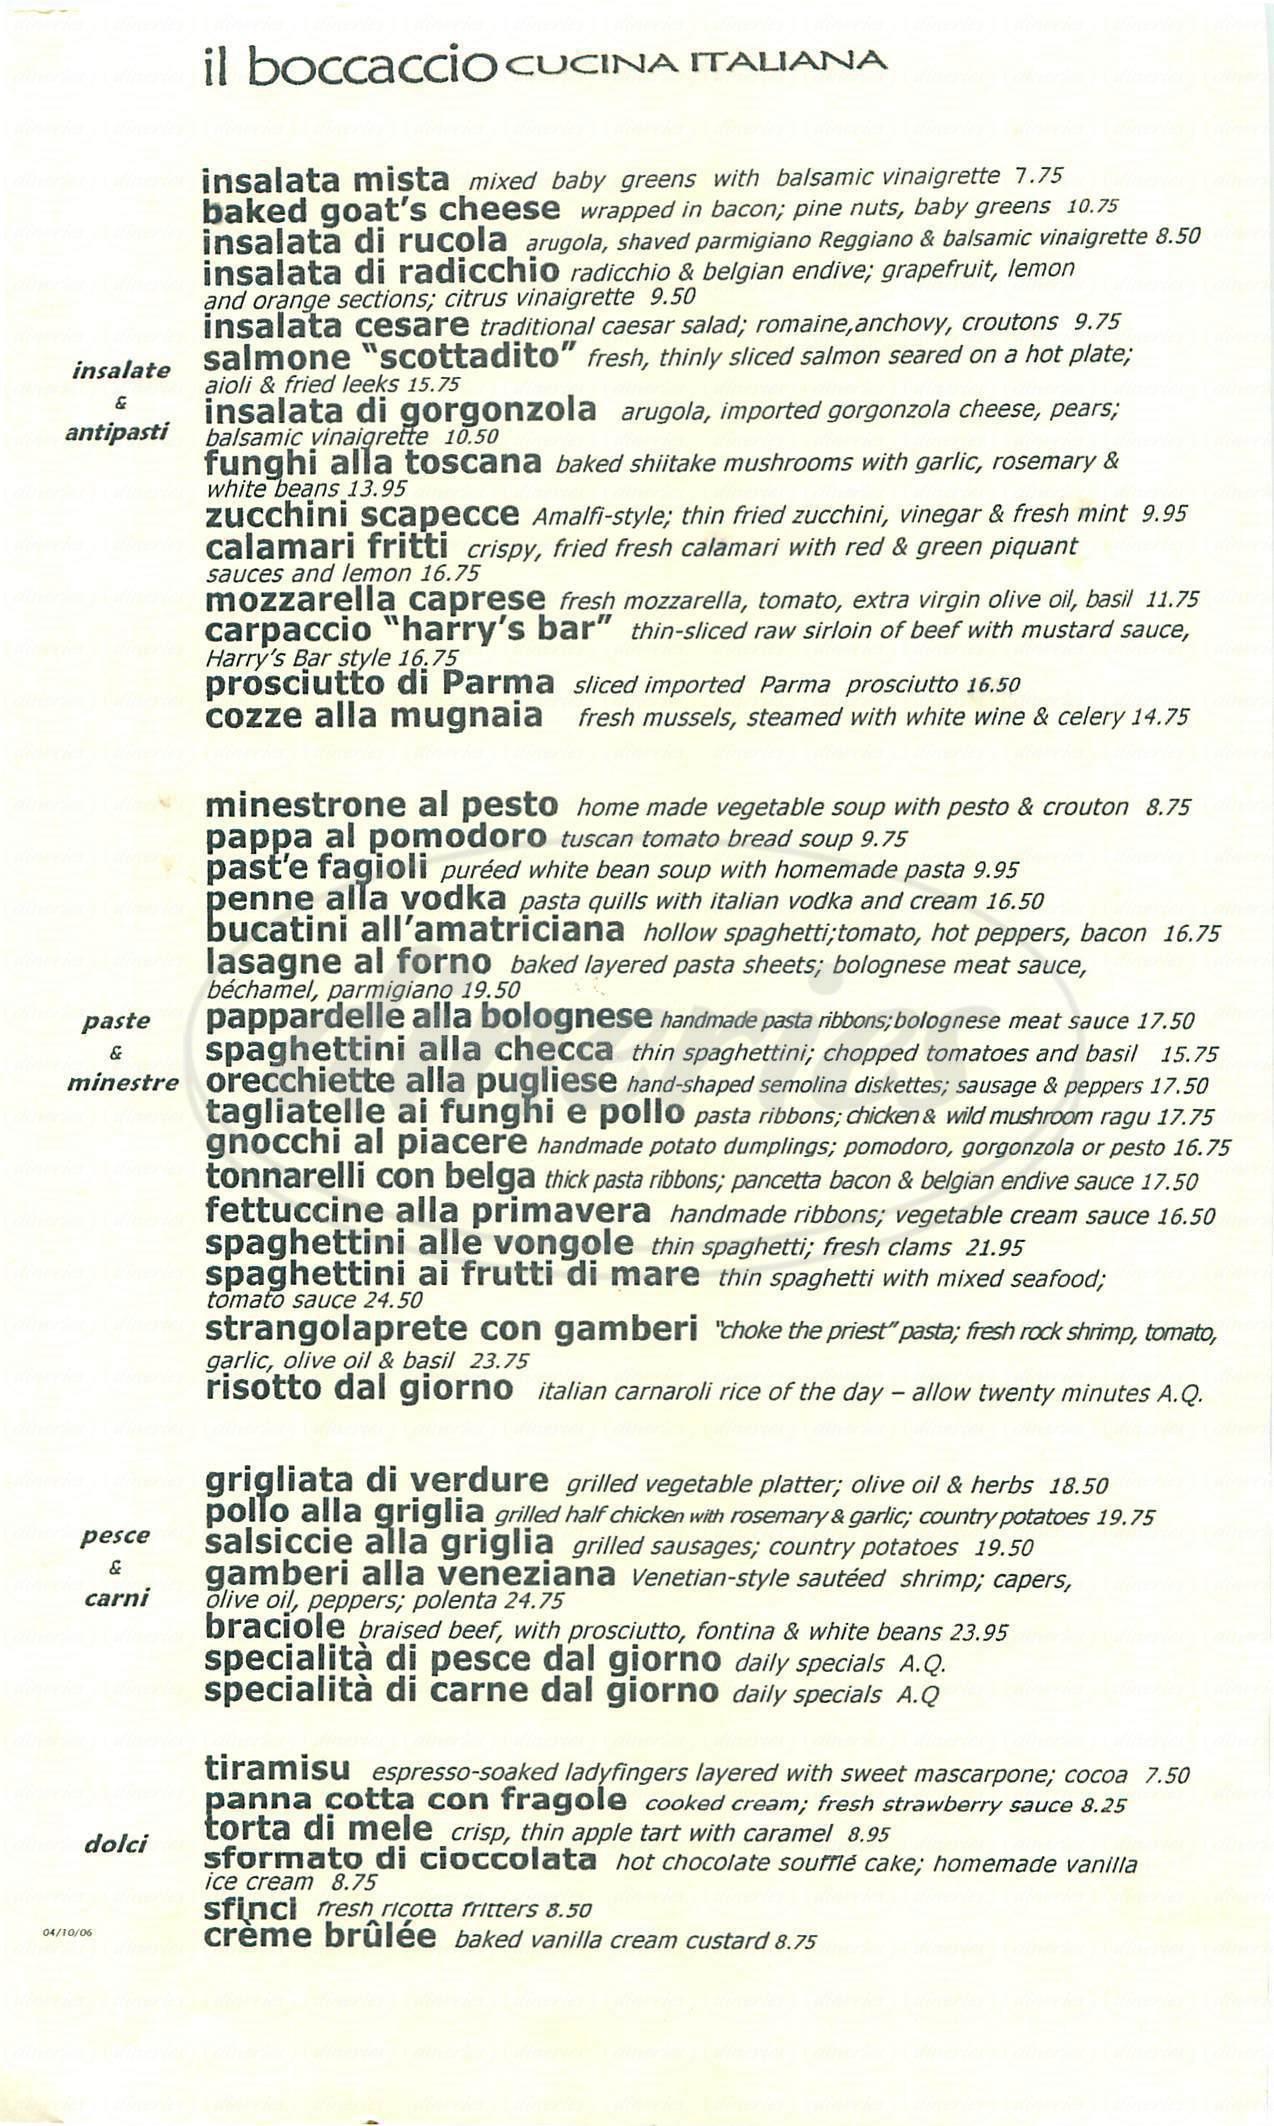 menu for Il Boccaccio